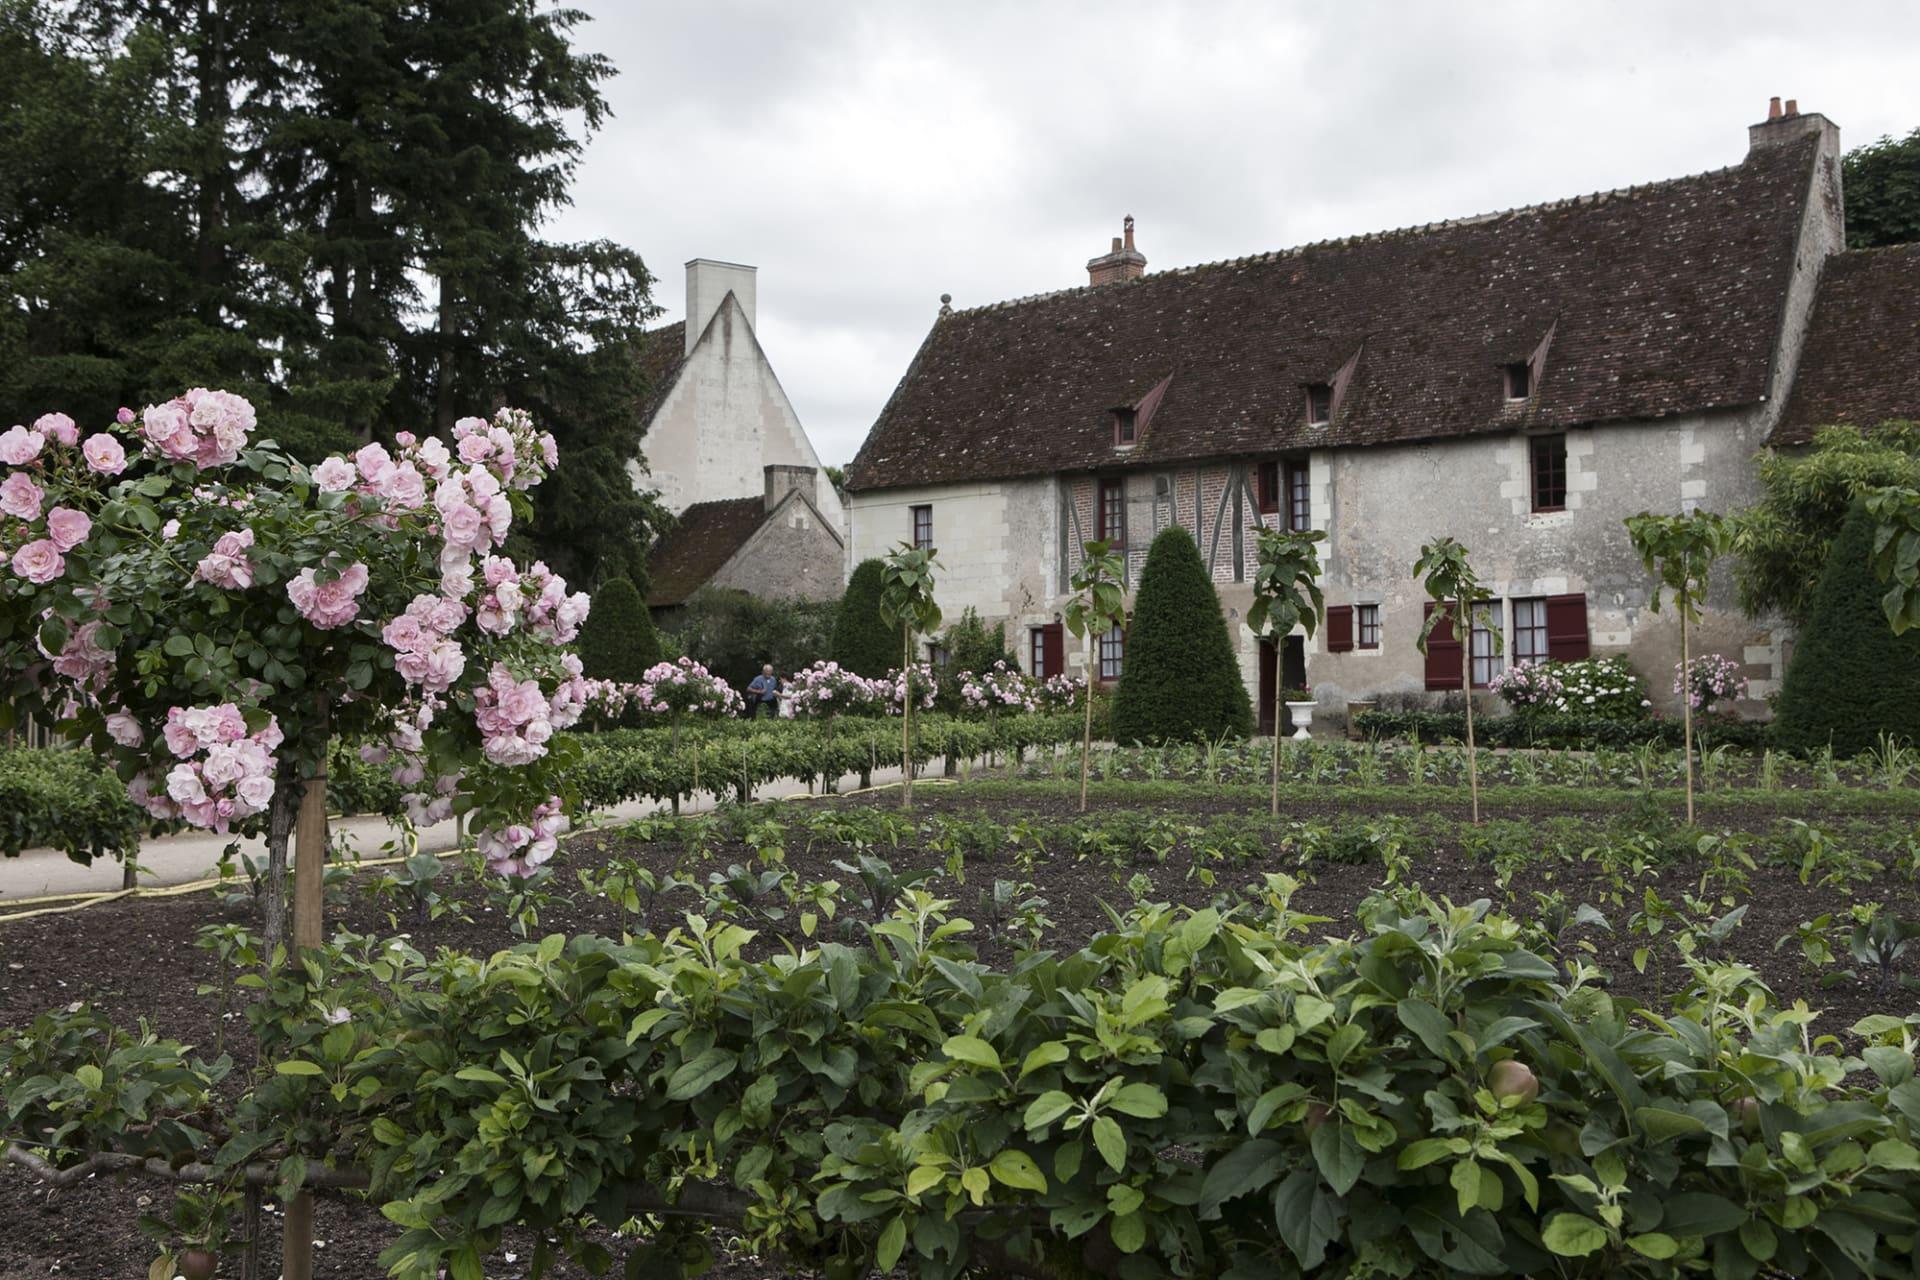 Allt som odlas i köksträdgården används i restaurangen och till att dekorera slottet.